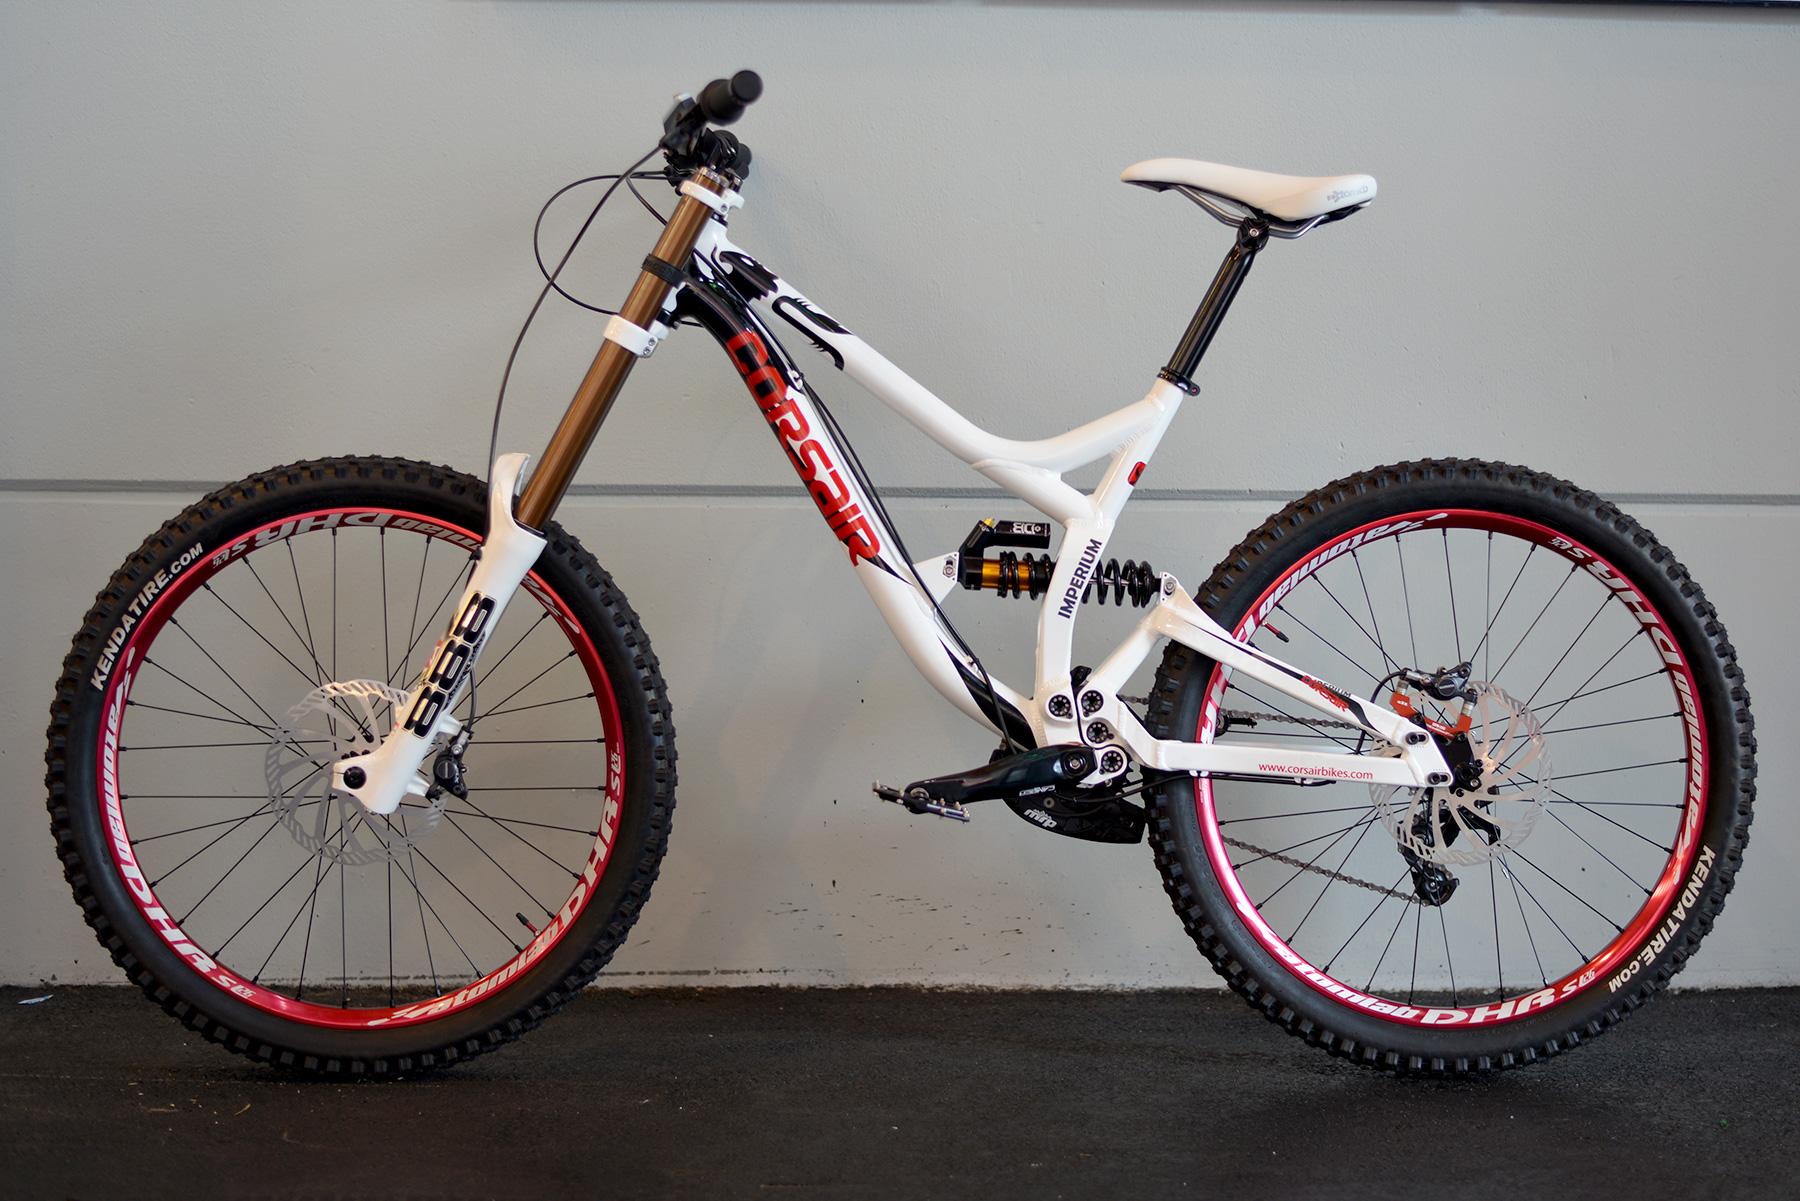 Lange nicht gesehen, neues DH-Bike von Corsair.